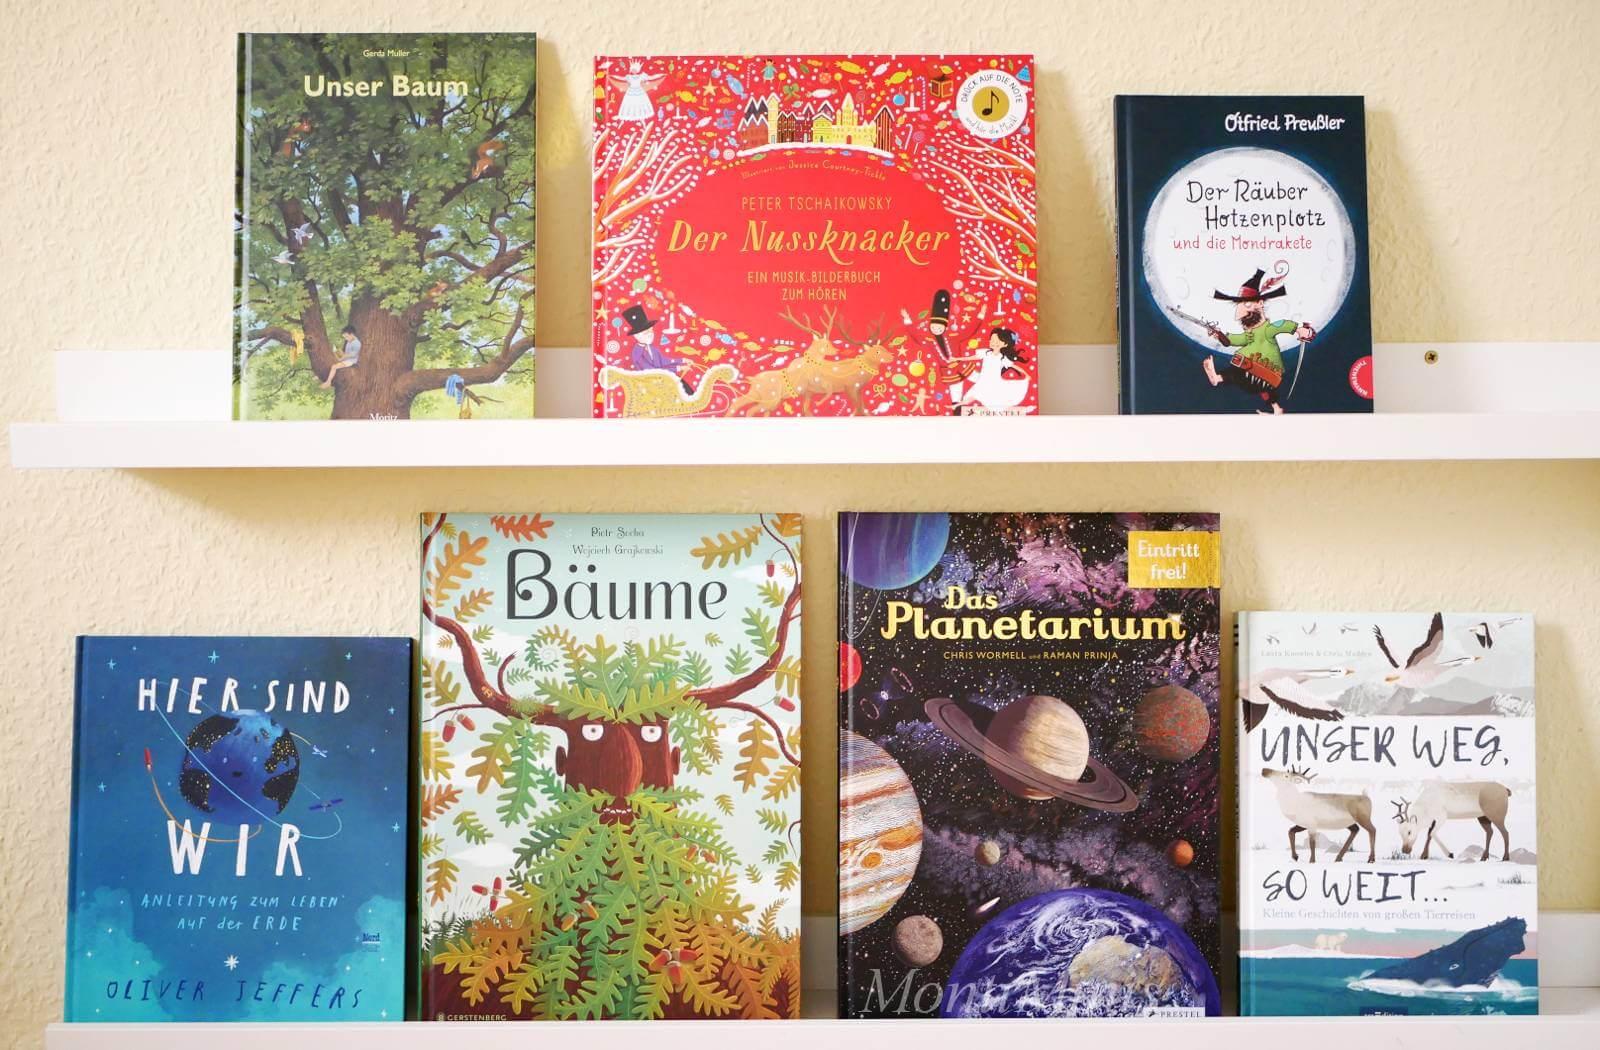 Wir lesen bald…Buchtipps (nicht nur) für Weihnachten